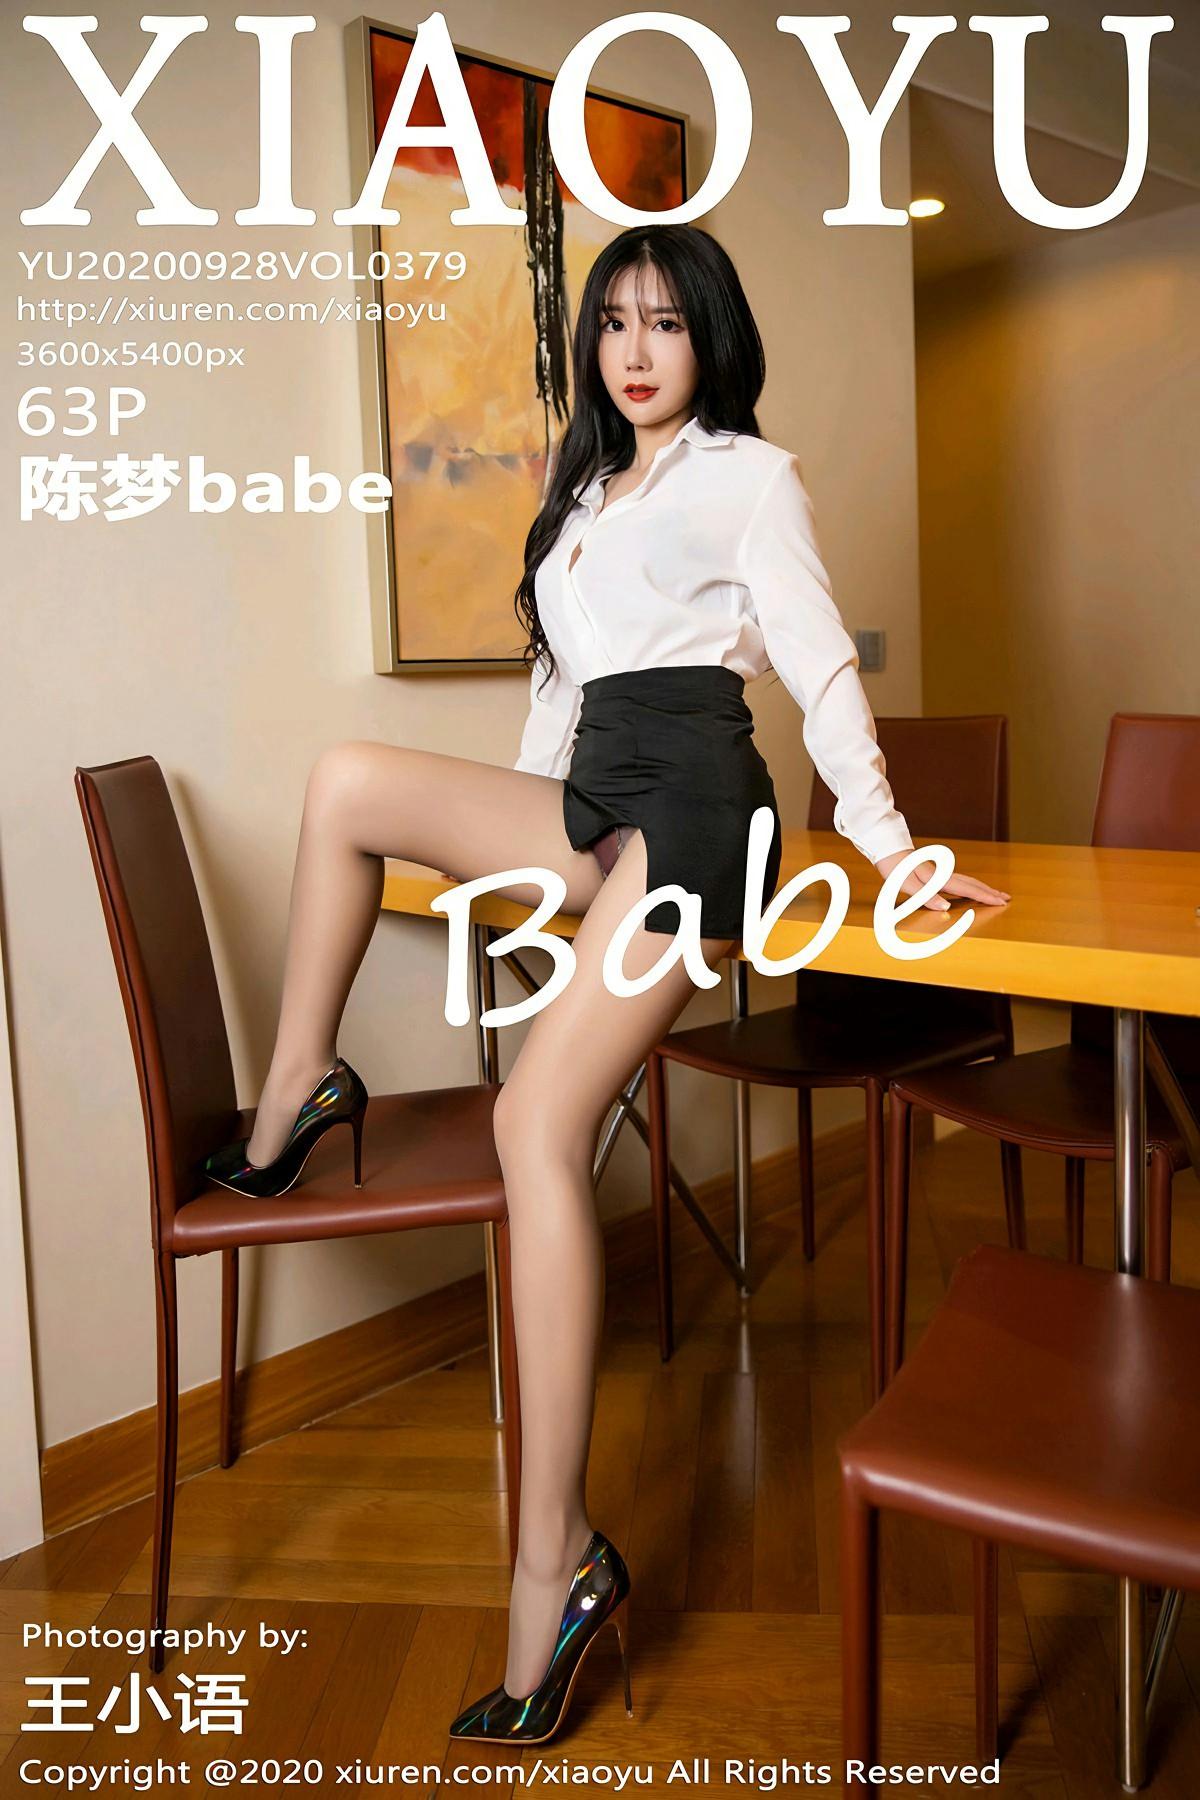 [XIAOYU语画界] 2020.09.28 No.379 陈梦babe 第1张